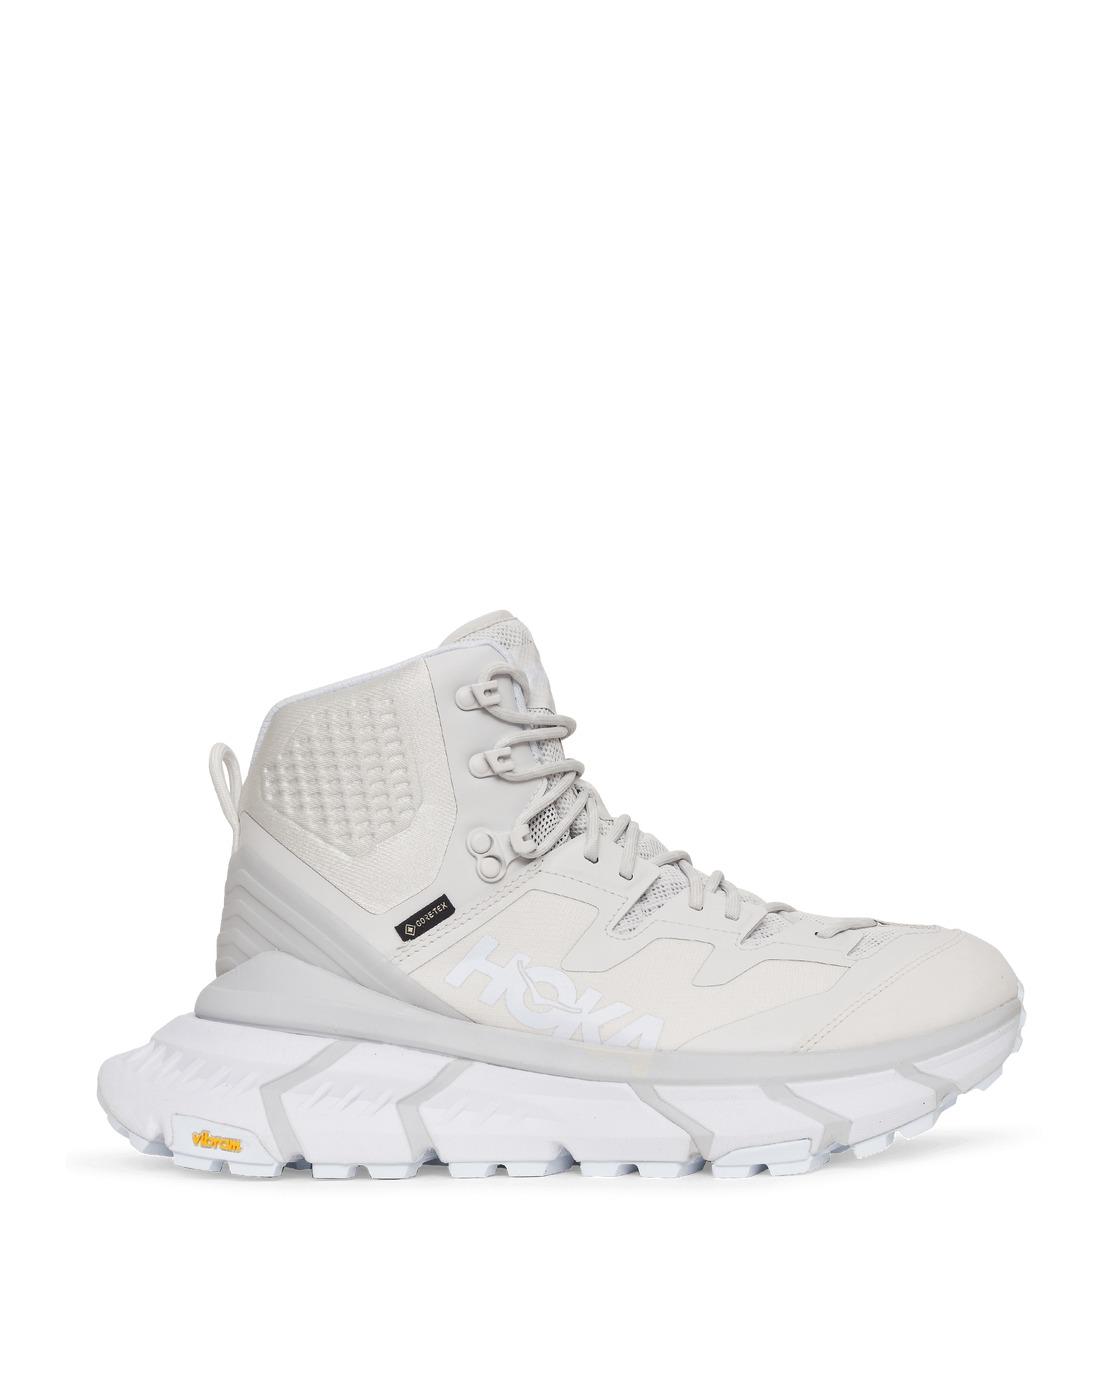 Photo: Hoka One One Tennine Hike Gtx Sneakers White/Nimbus Cloud